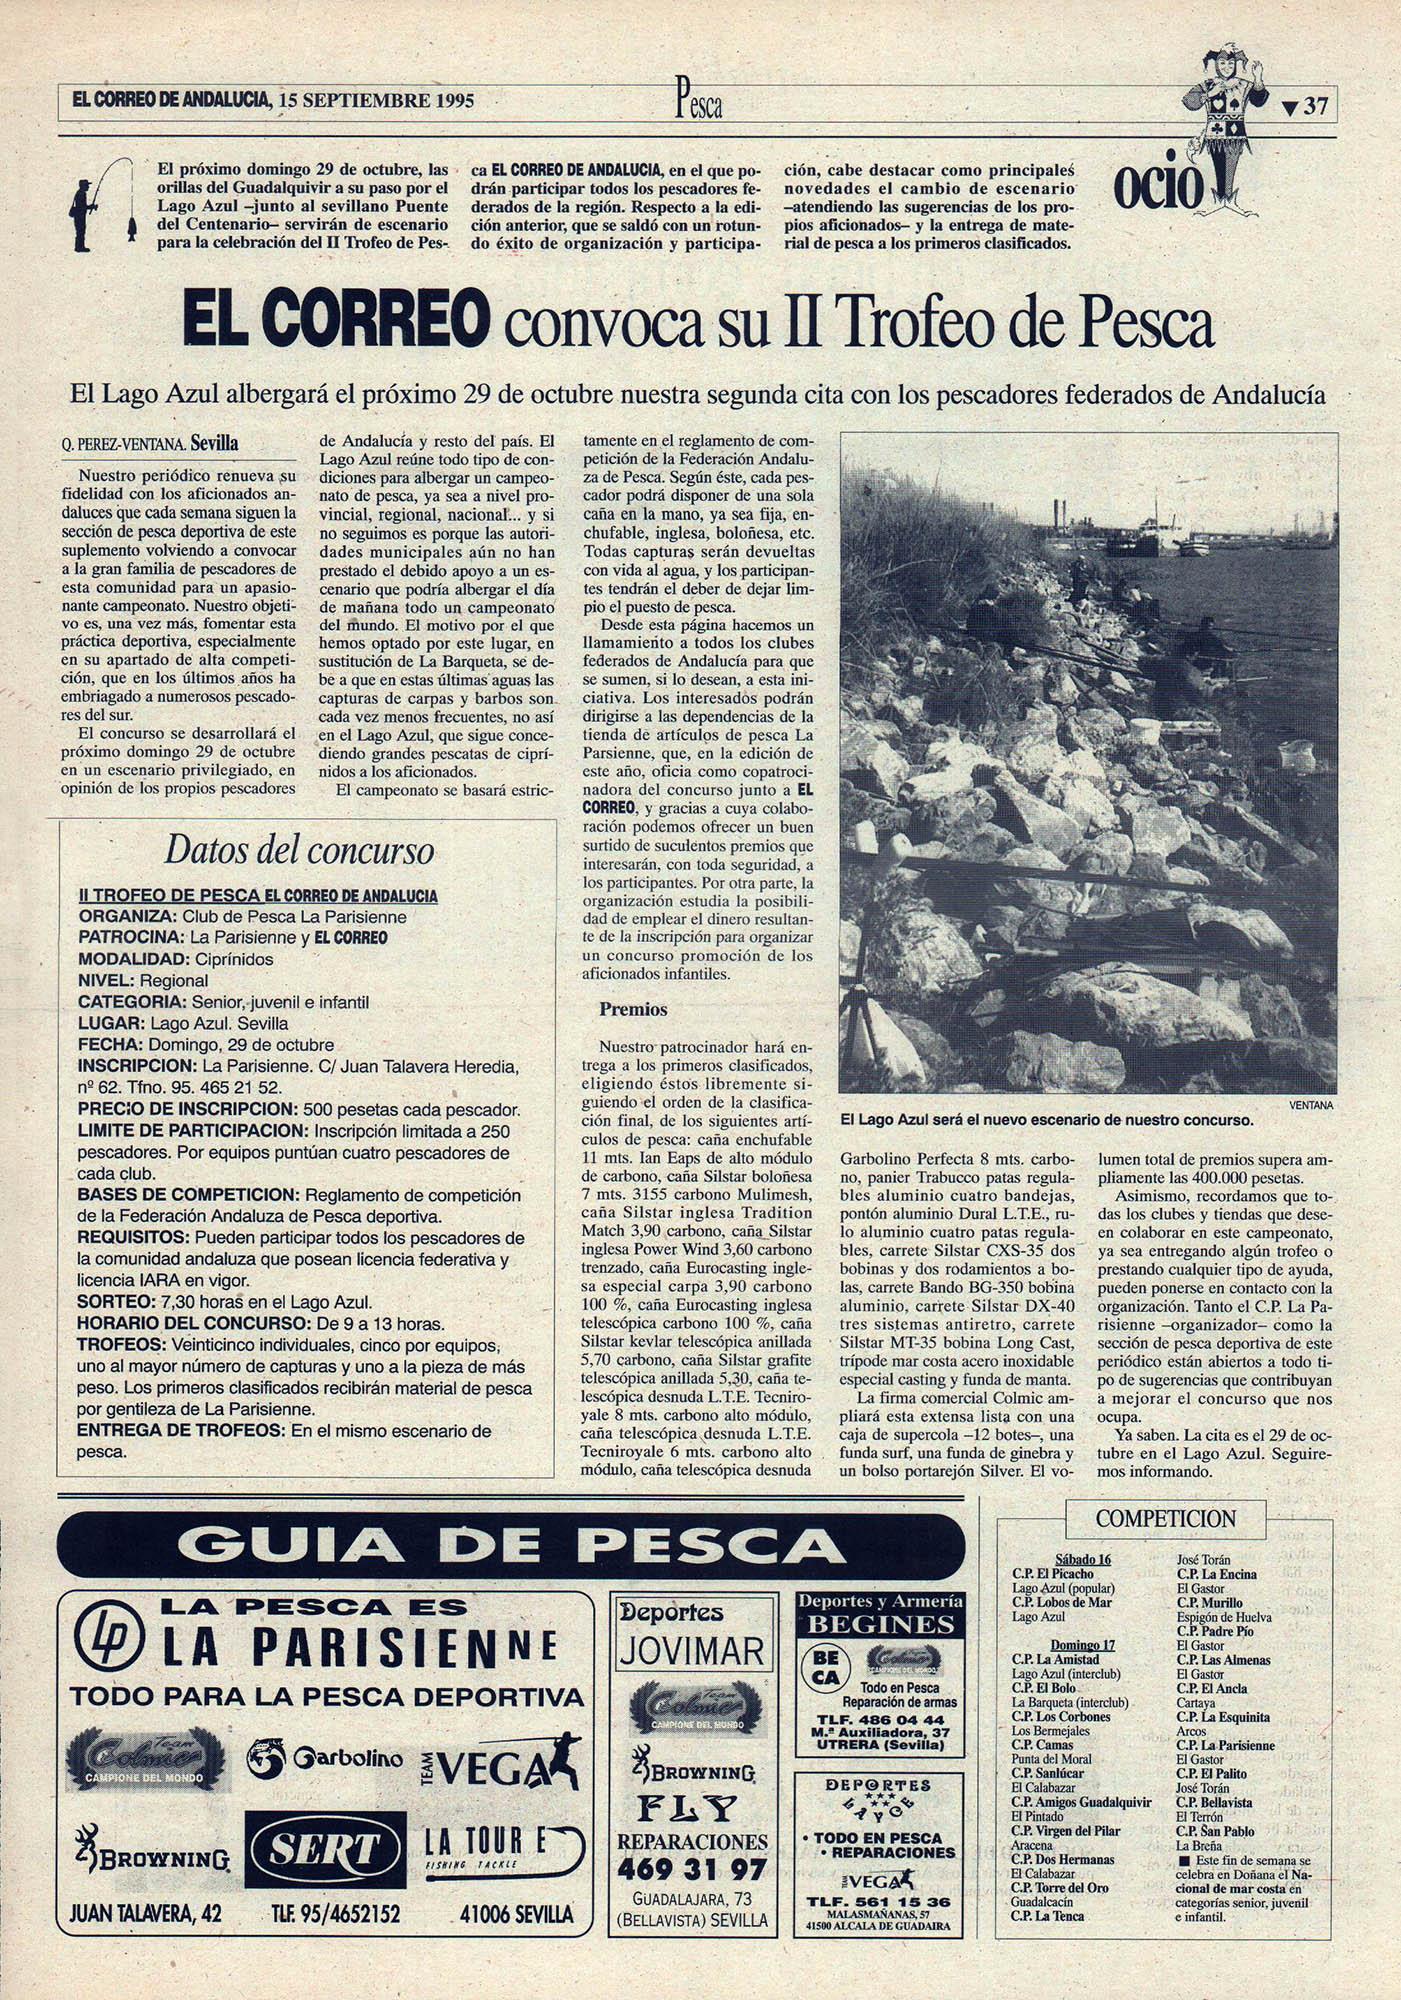 Pesca deportiva / El Correo convoca su II Trofeo de Pesca | El Correo de Andalucía | 15 sep 1995